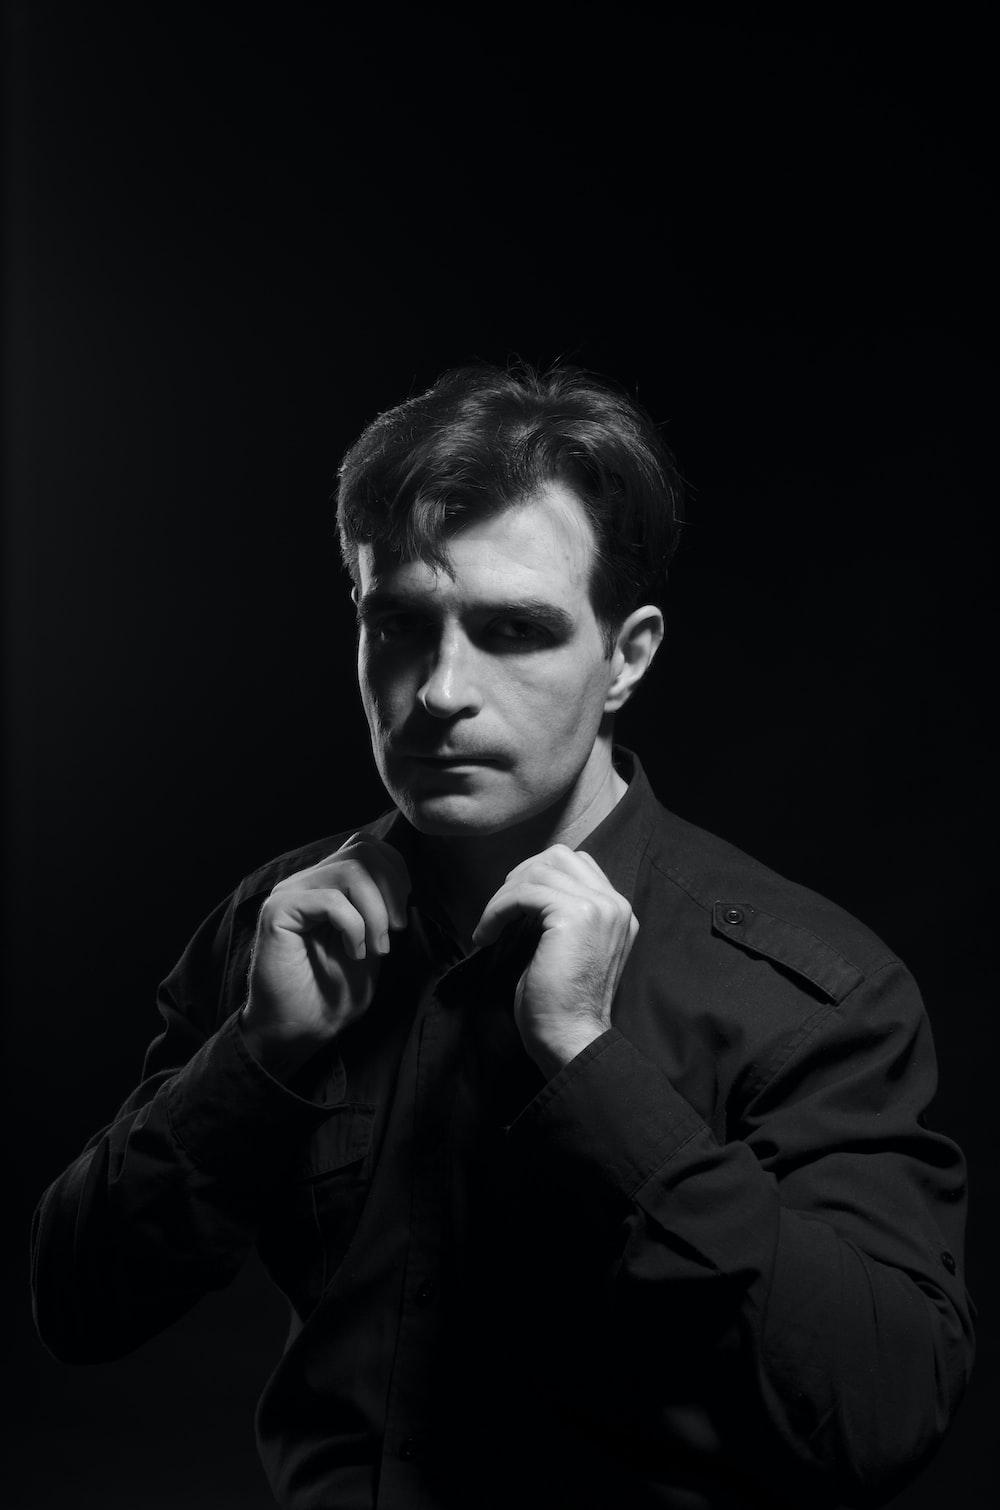 man wearing dress shirt while holding his collar